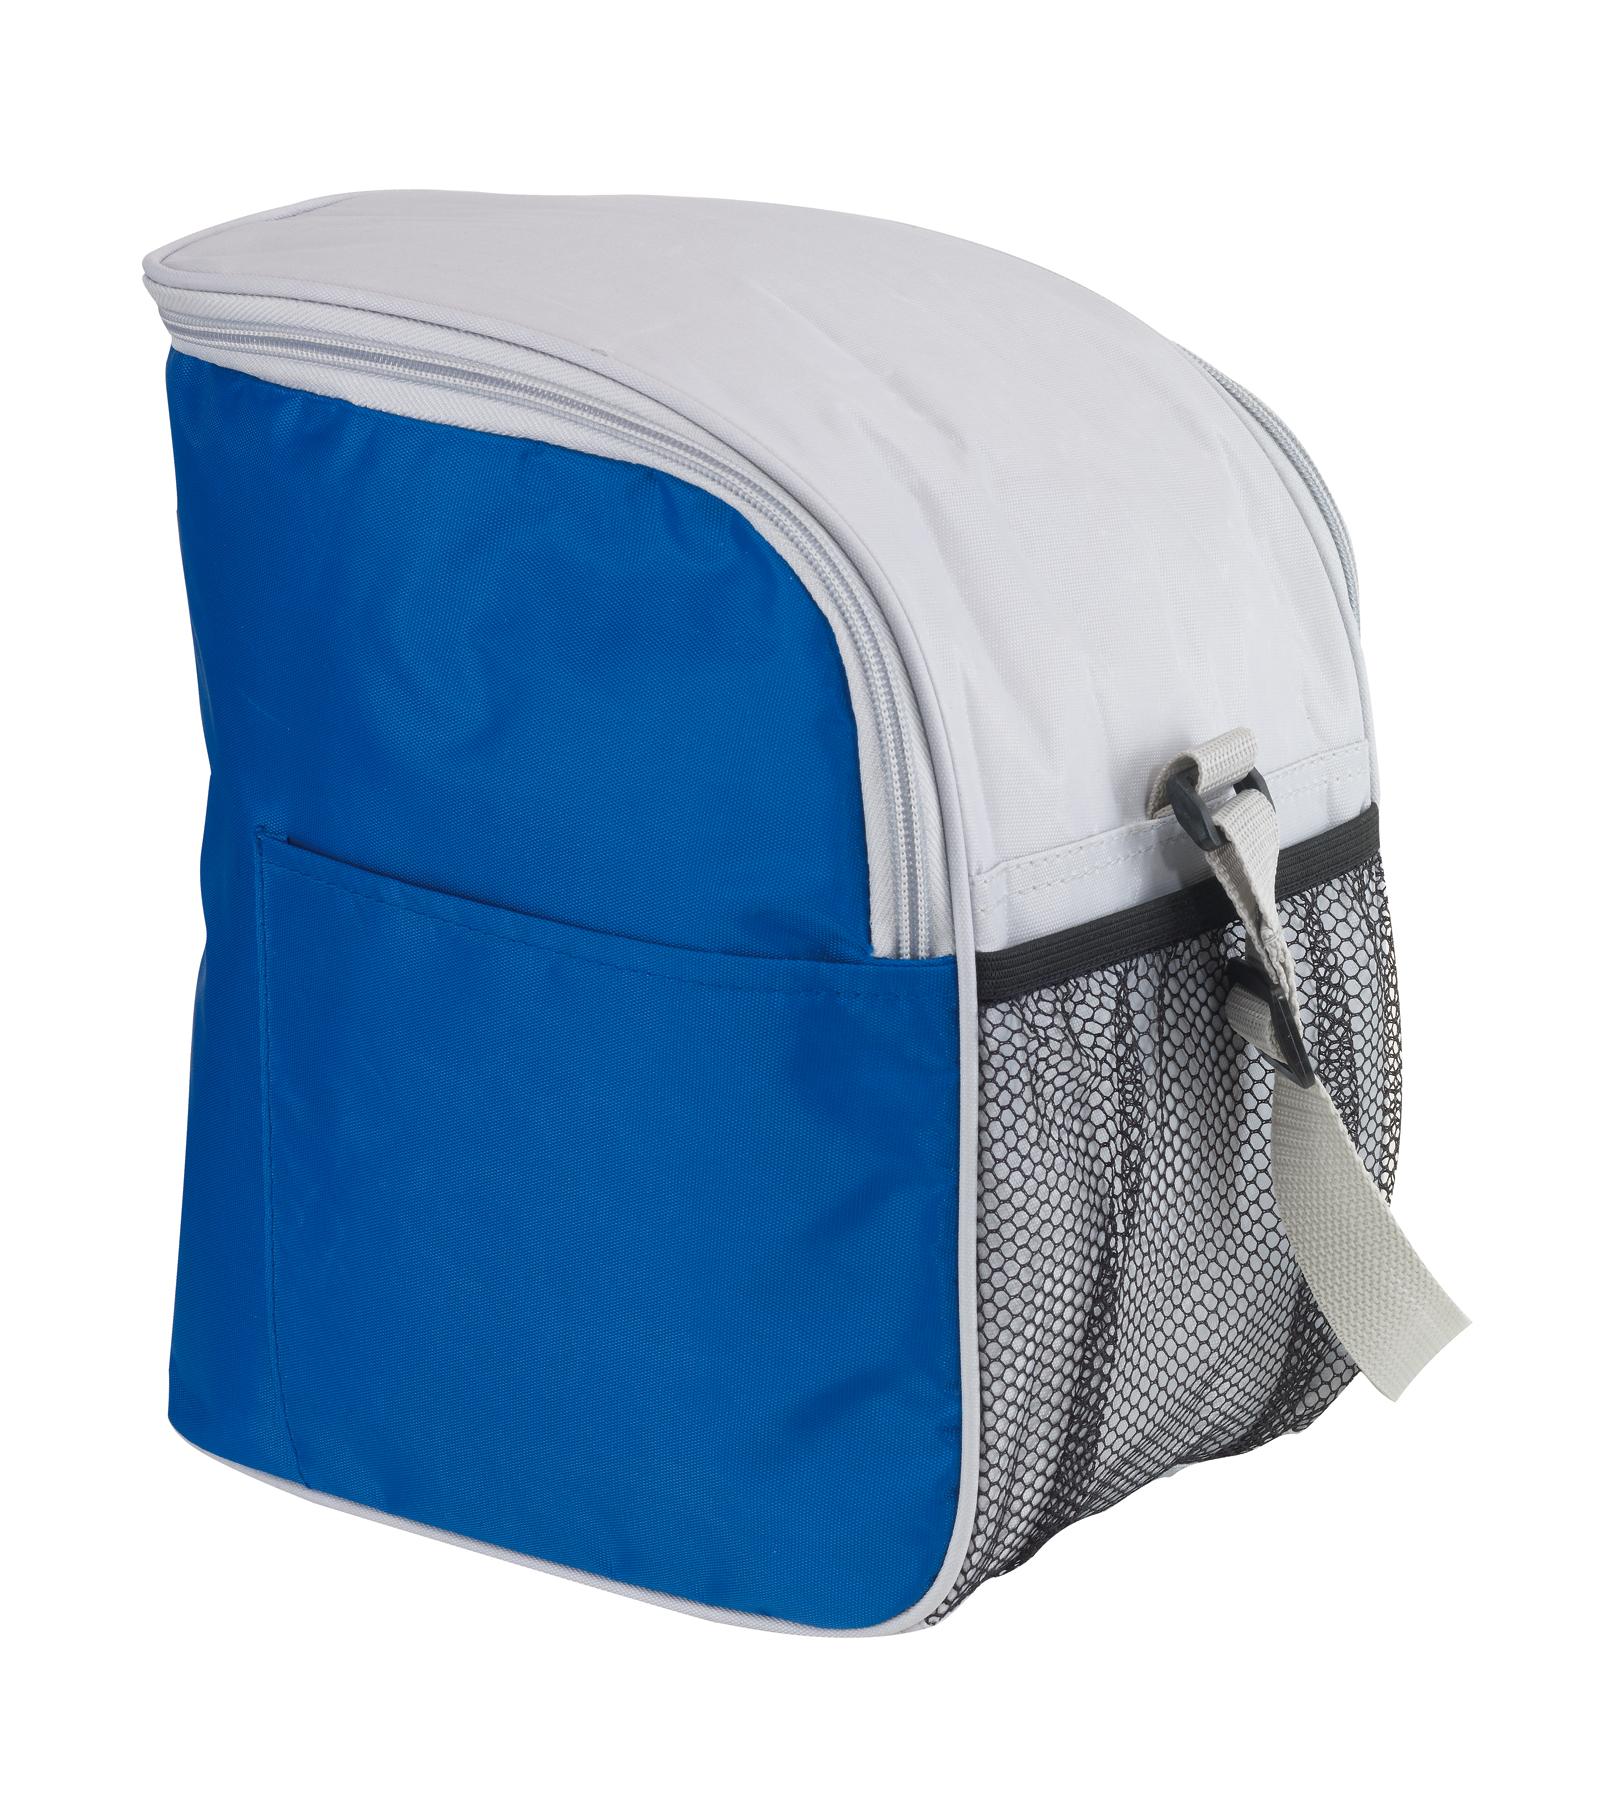 Torba izotermiczna GLACIAL, niebieski